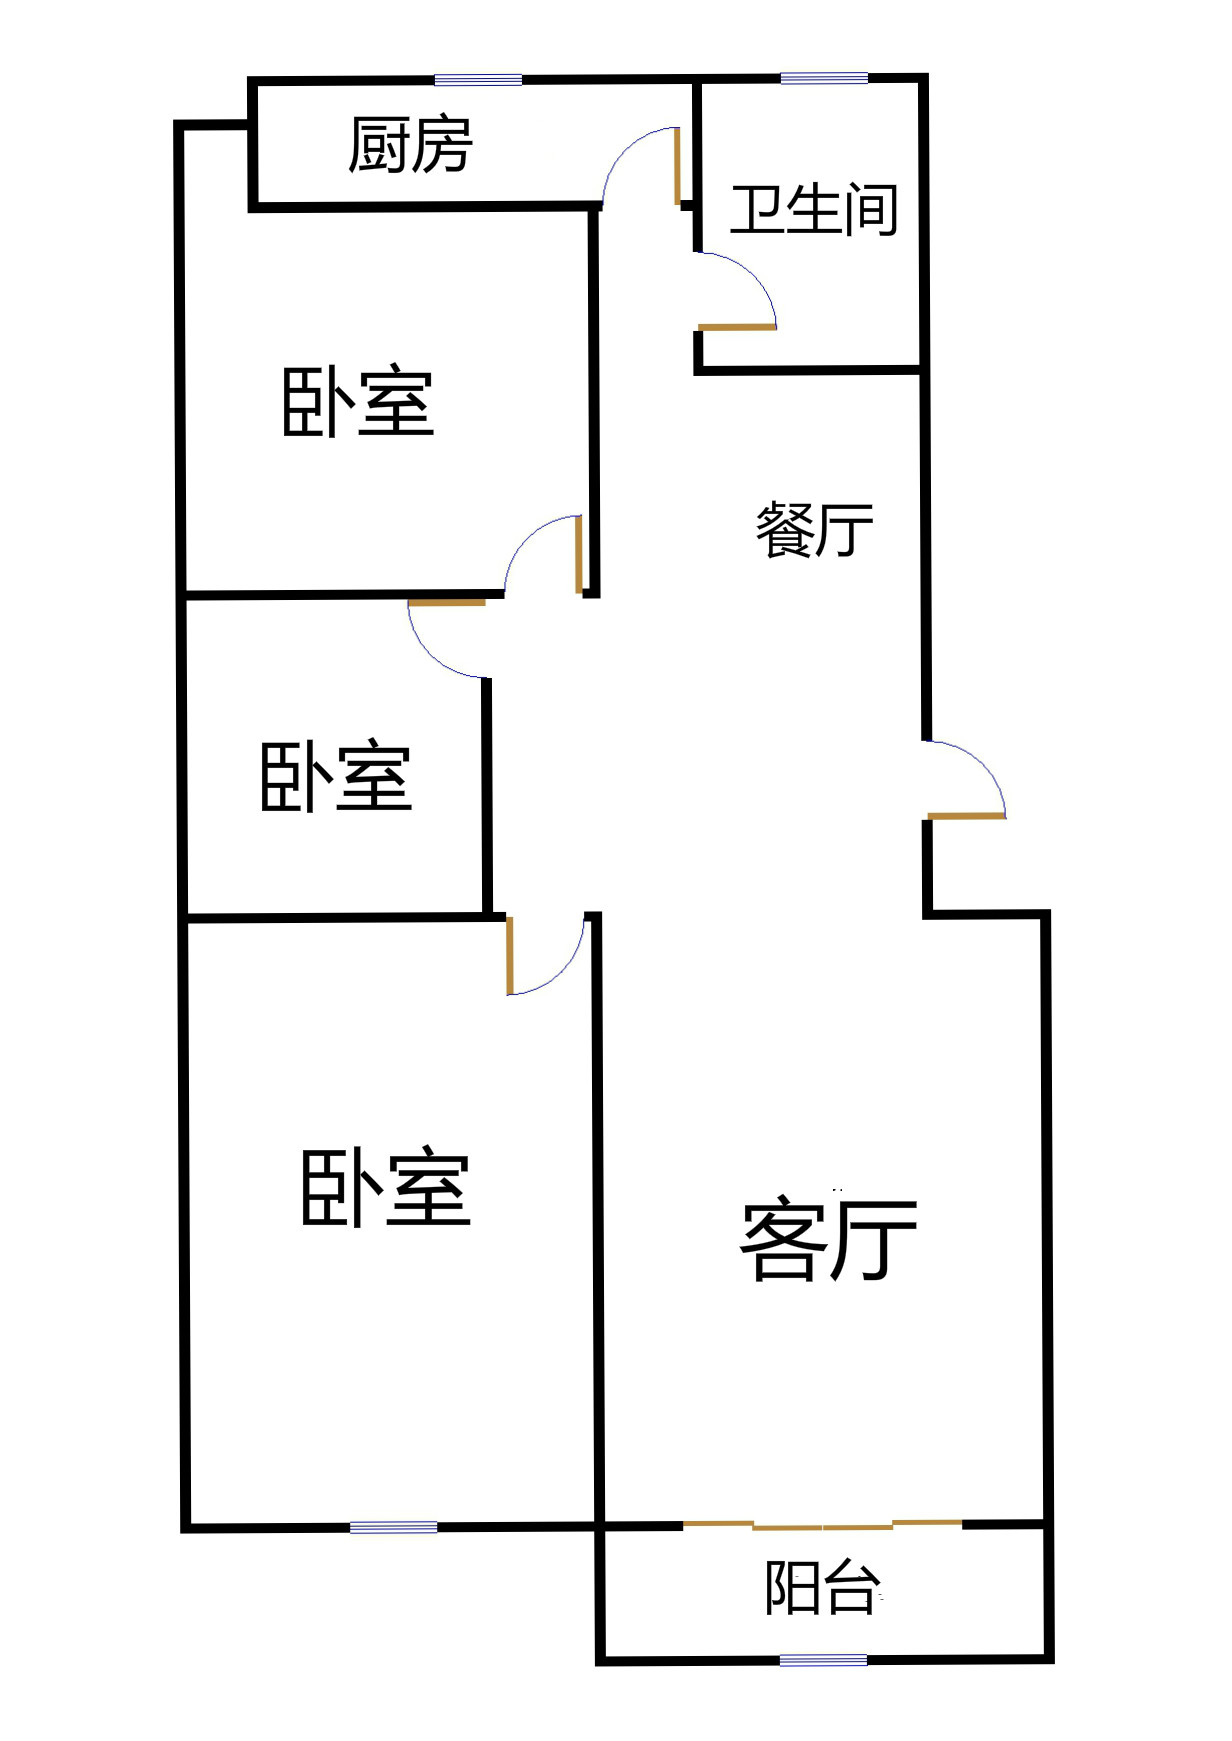 高地世纪城 3室2厅 5楼